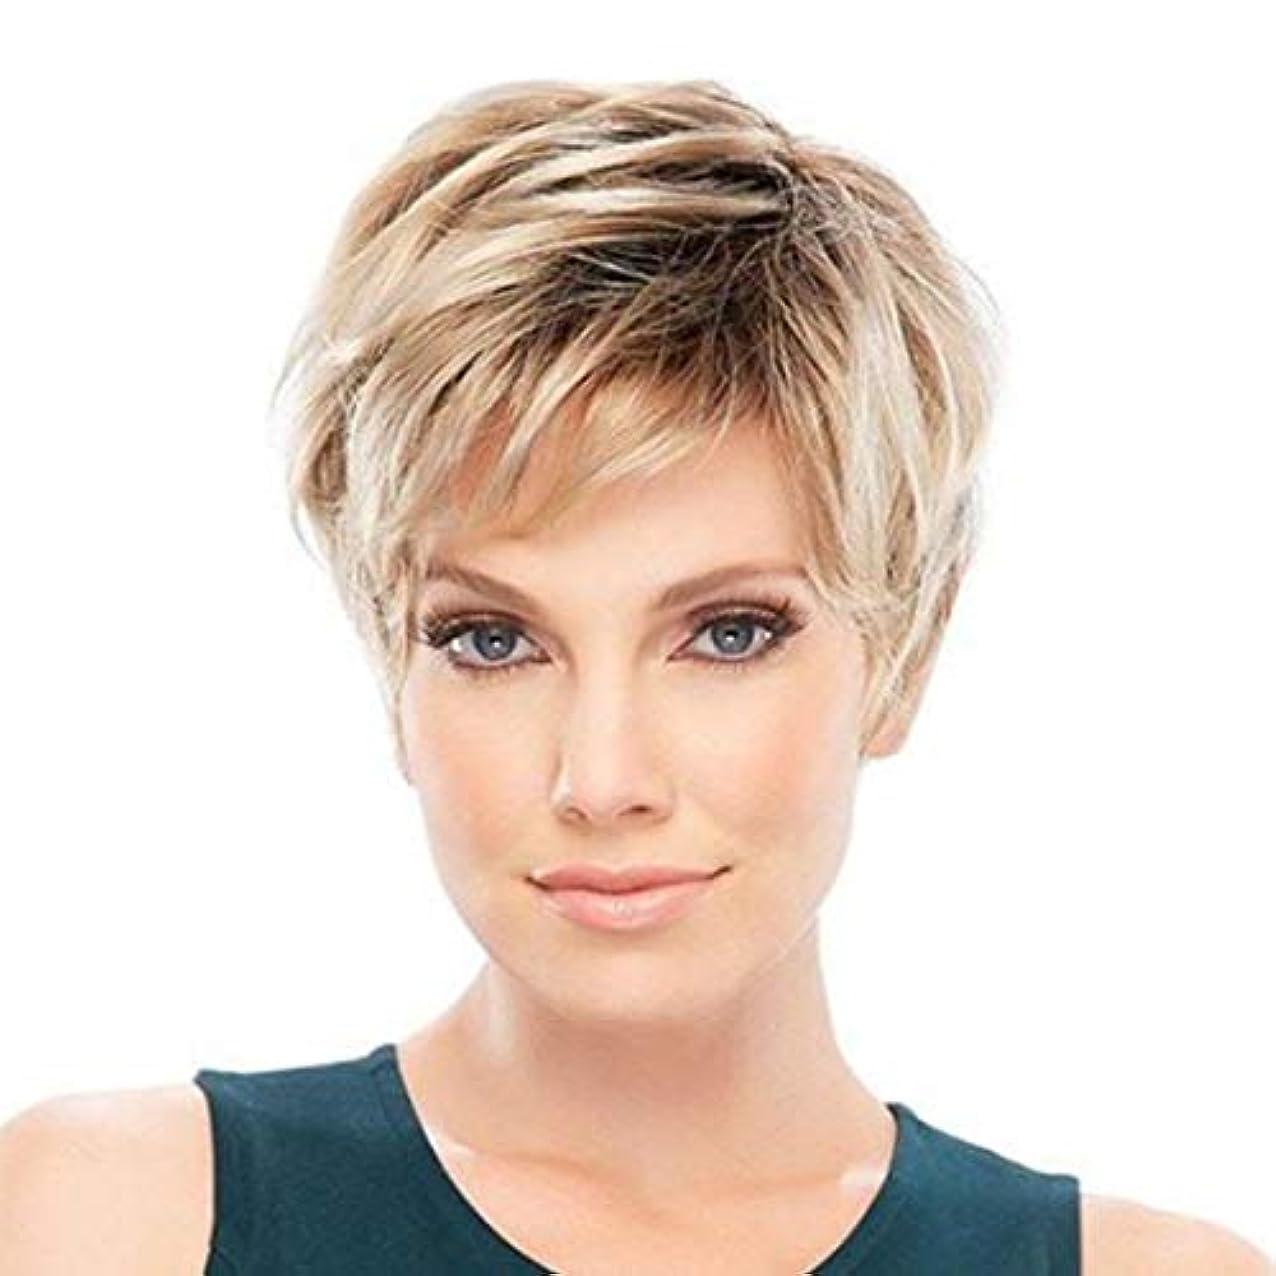 シールトーク専らKerwinner 女性のための短いストレートヘアウィッグ化学繊維高温シルクウィッグヘッドギア